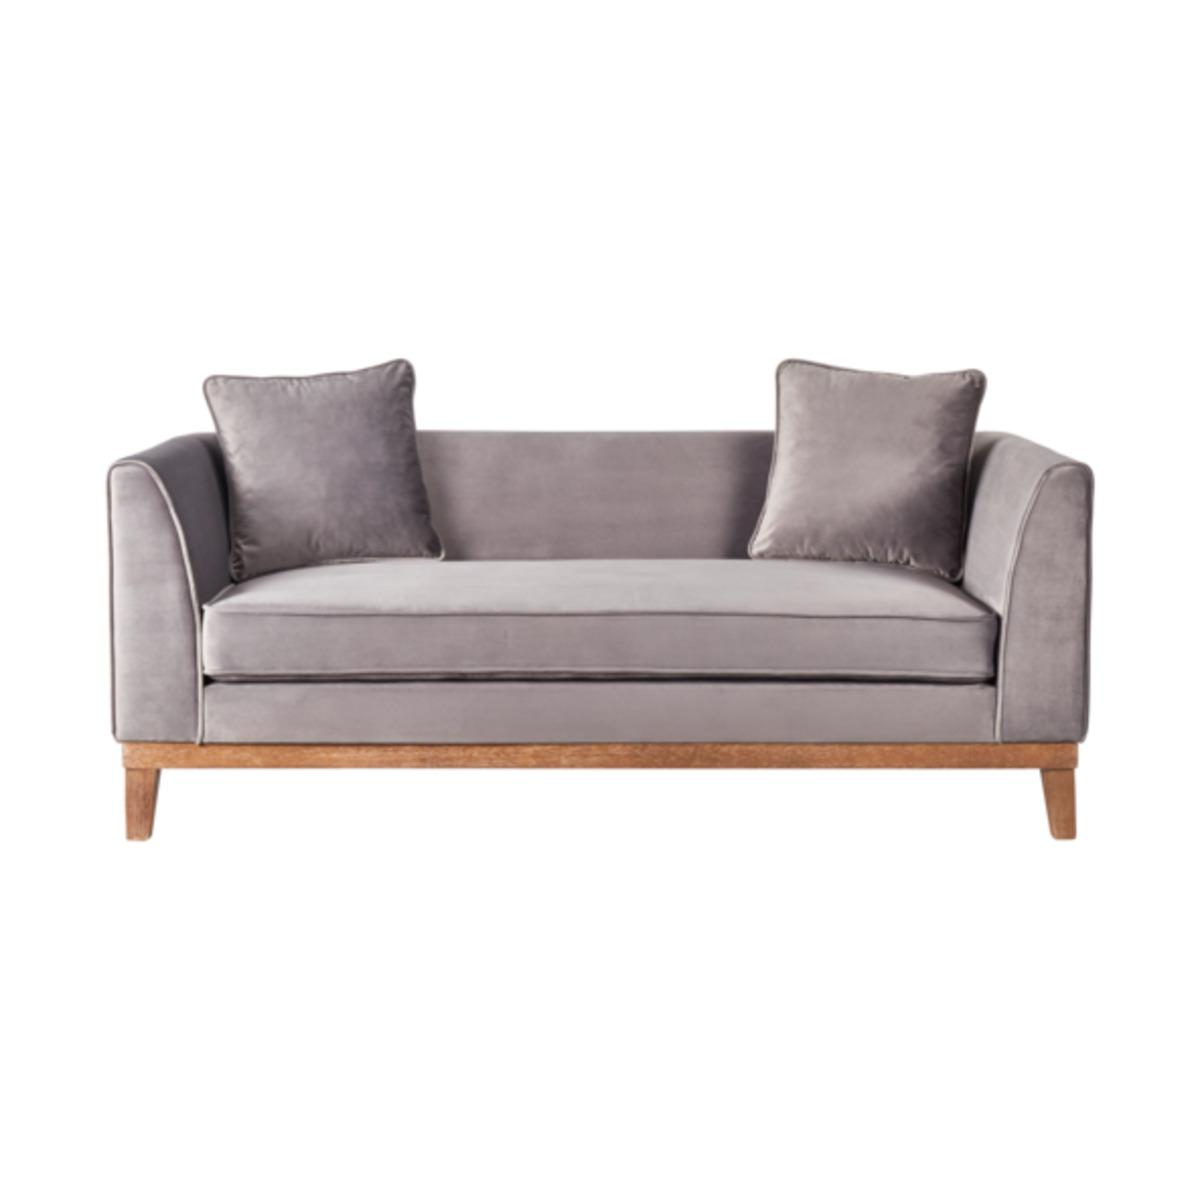 Bild 1 von Samt-Sofa im skandinavischen Stil, 2-Sitzer, grau